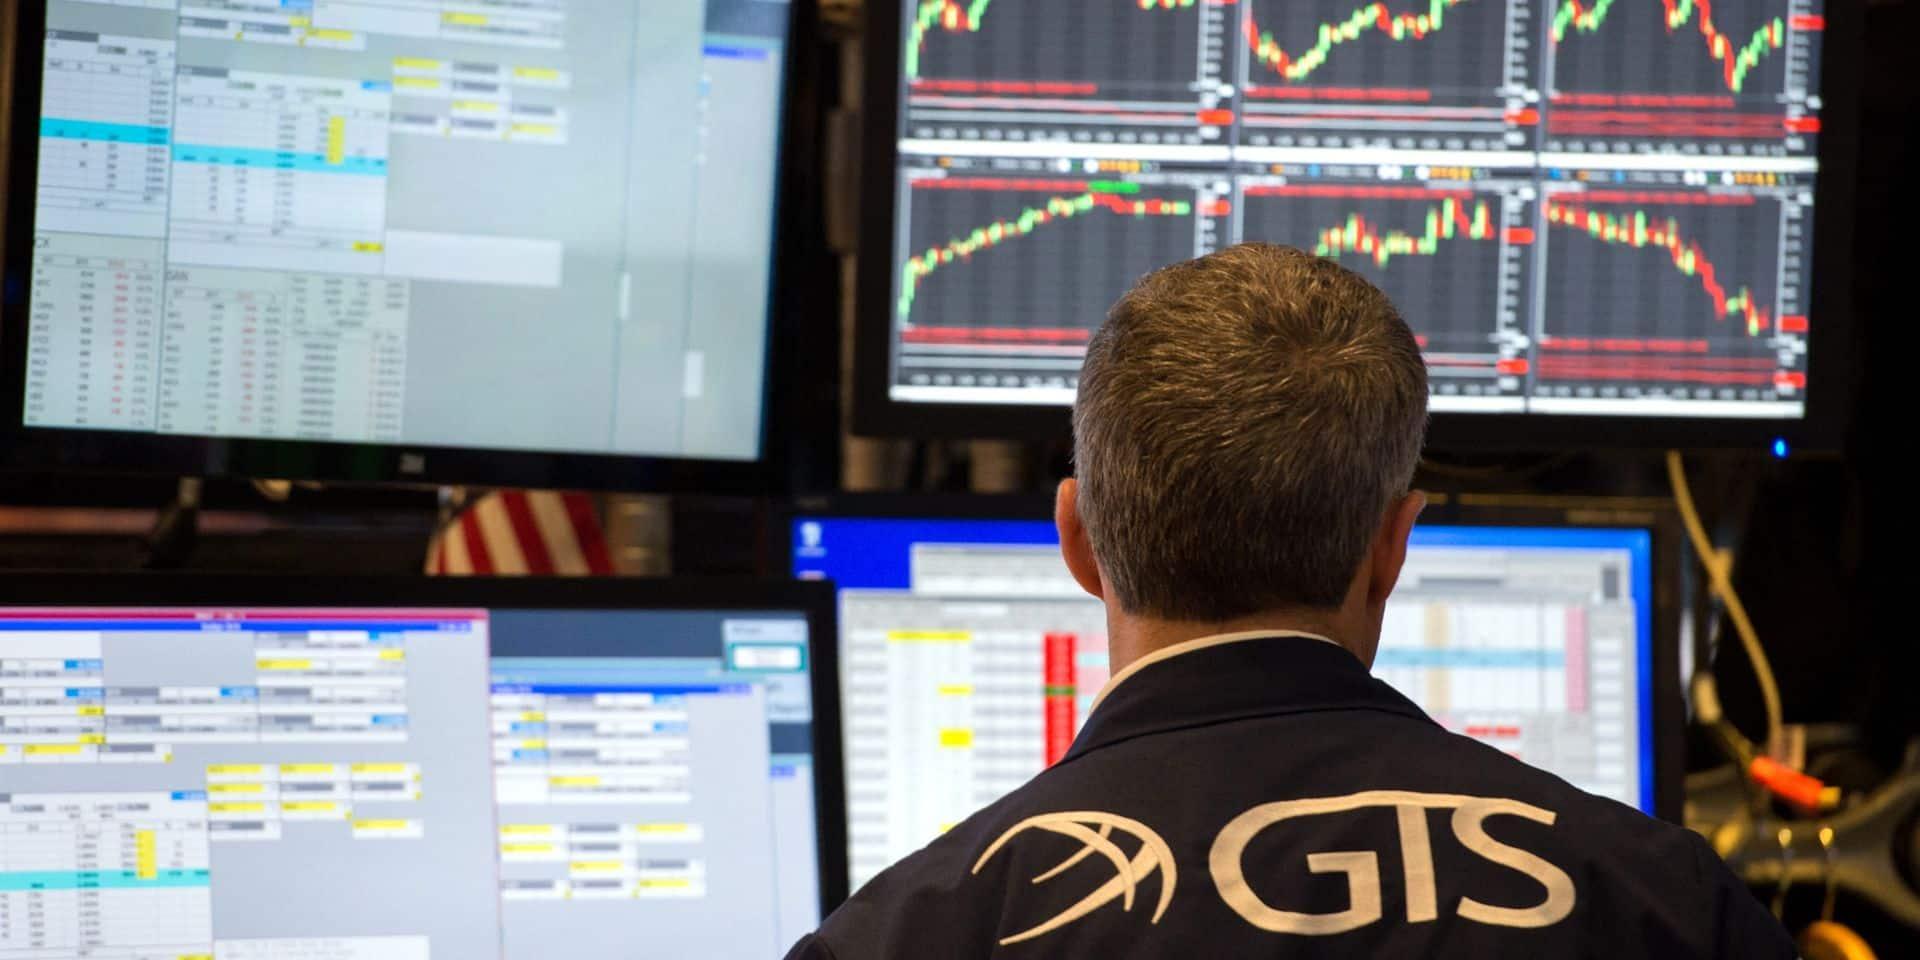 La Bourse de New York démarre la semaine en ordre dispersé